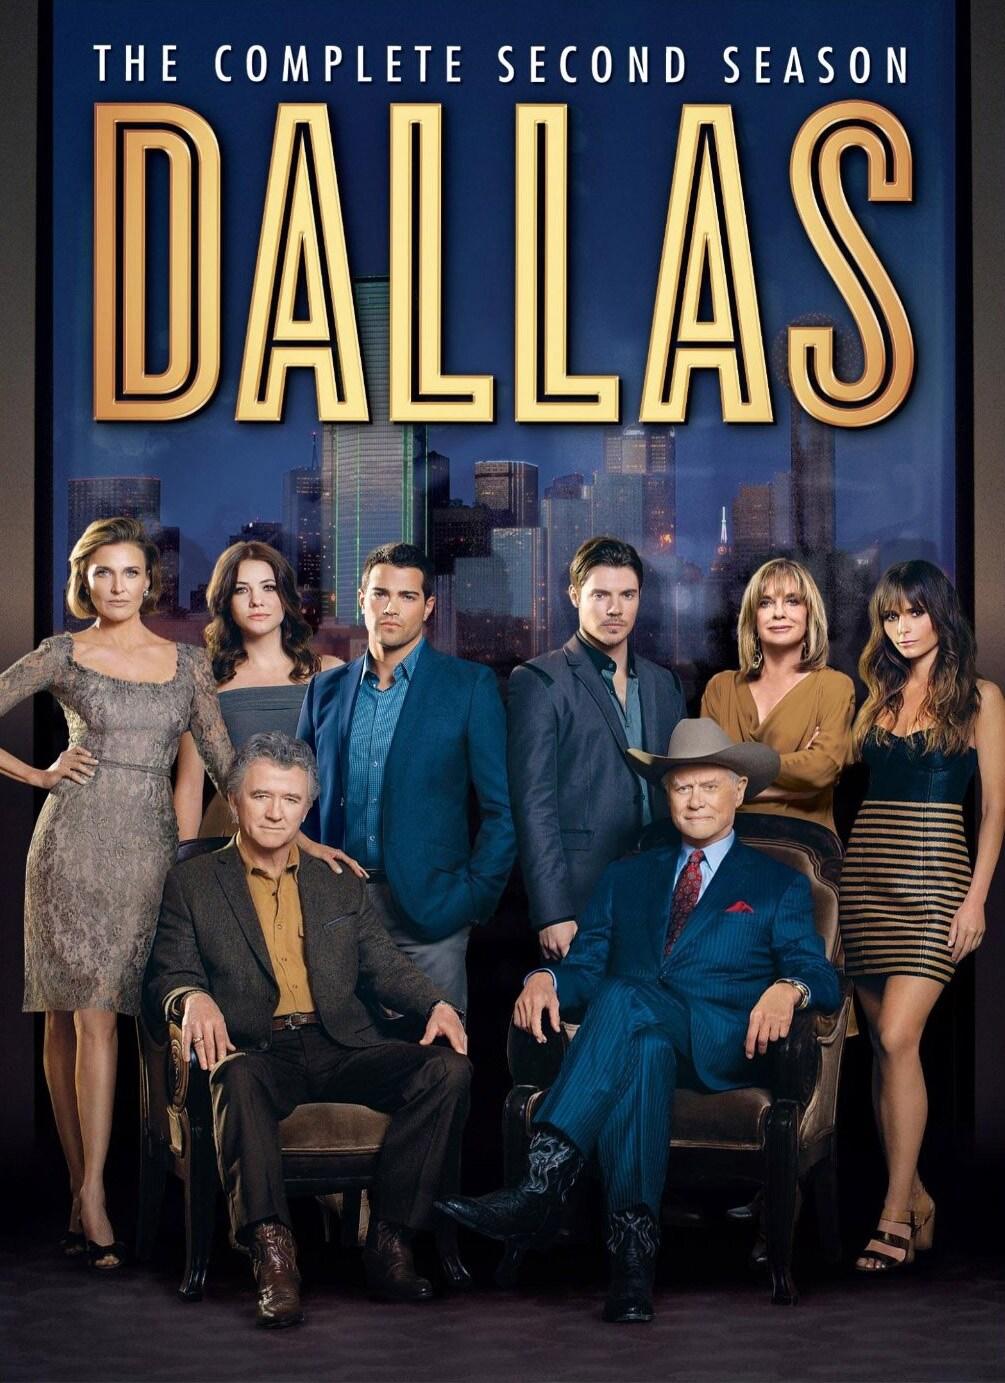 Dallas: The Complete Second Season (DVD)